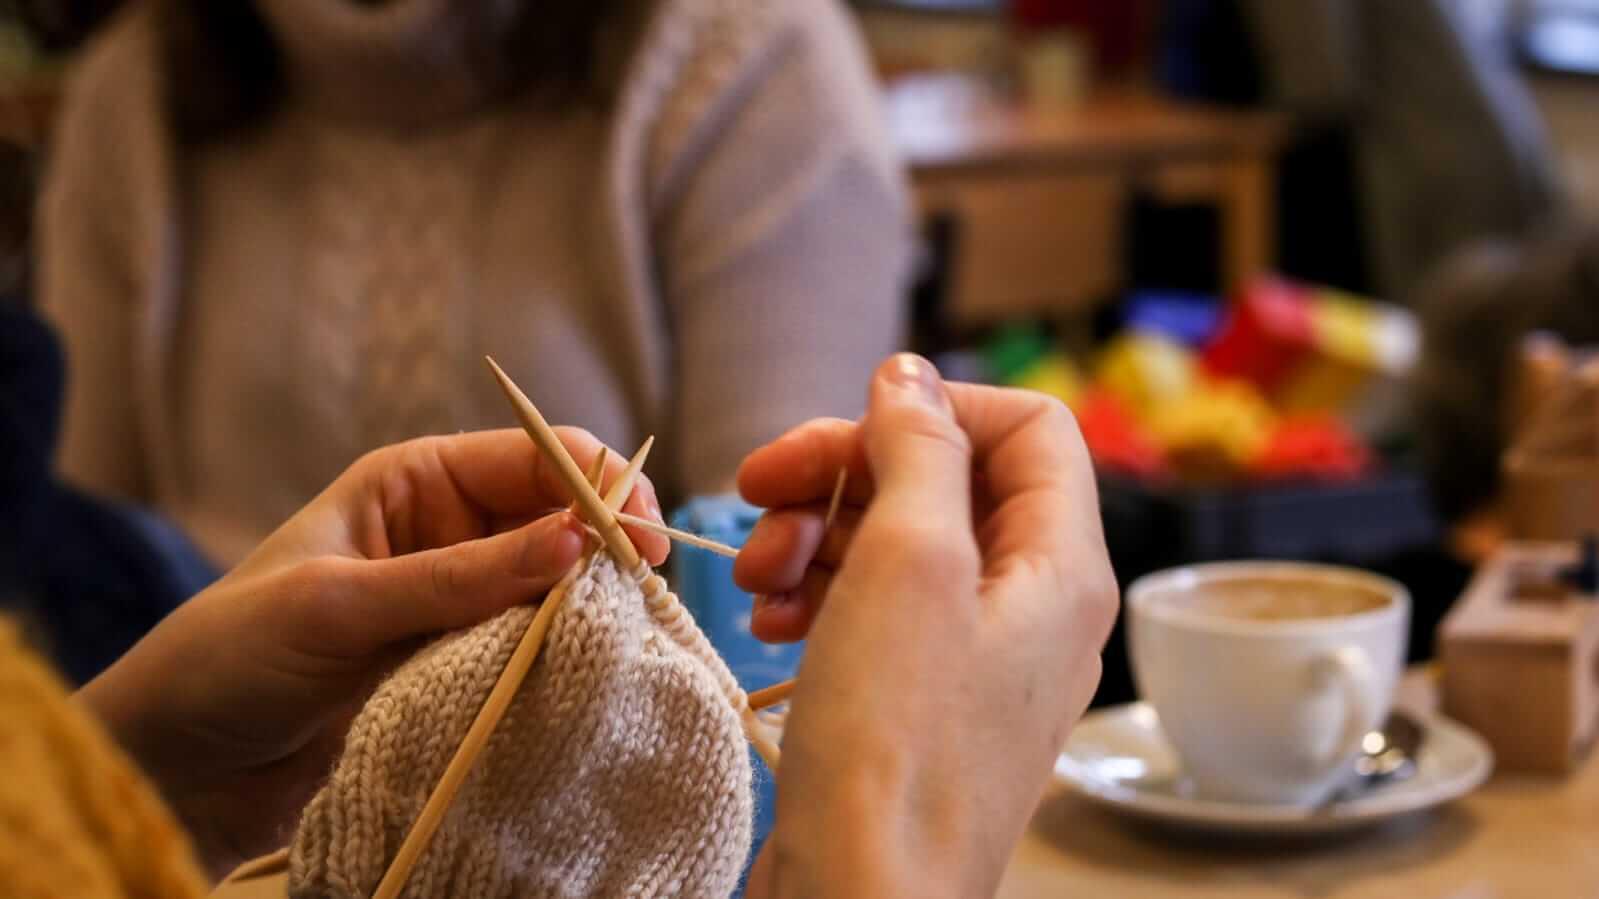 breiles voor gevorderden den haag scheveningen gevorderde breilessen cursus breien rondbreien sokkennaalden magic loop leren